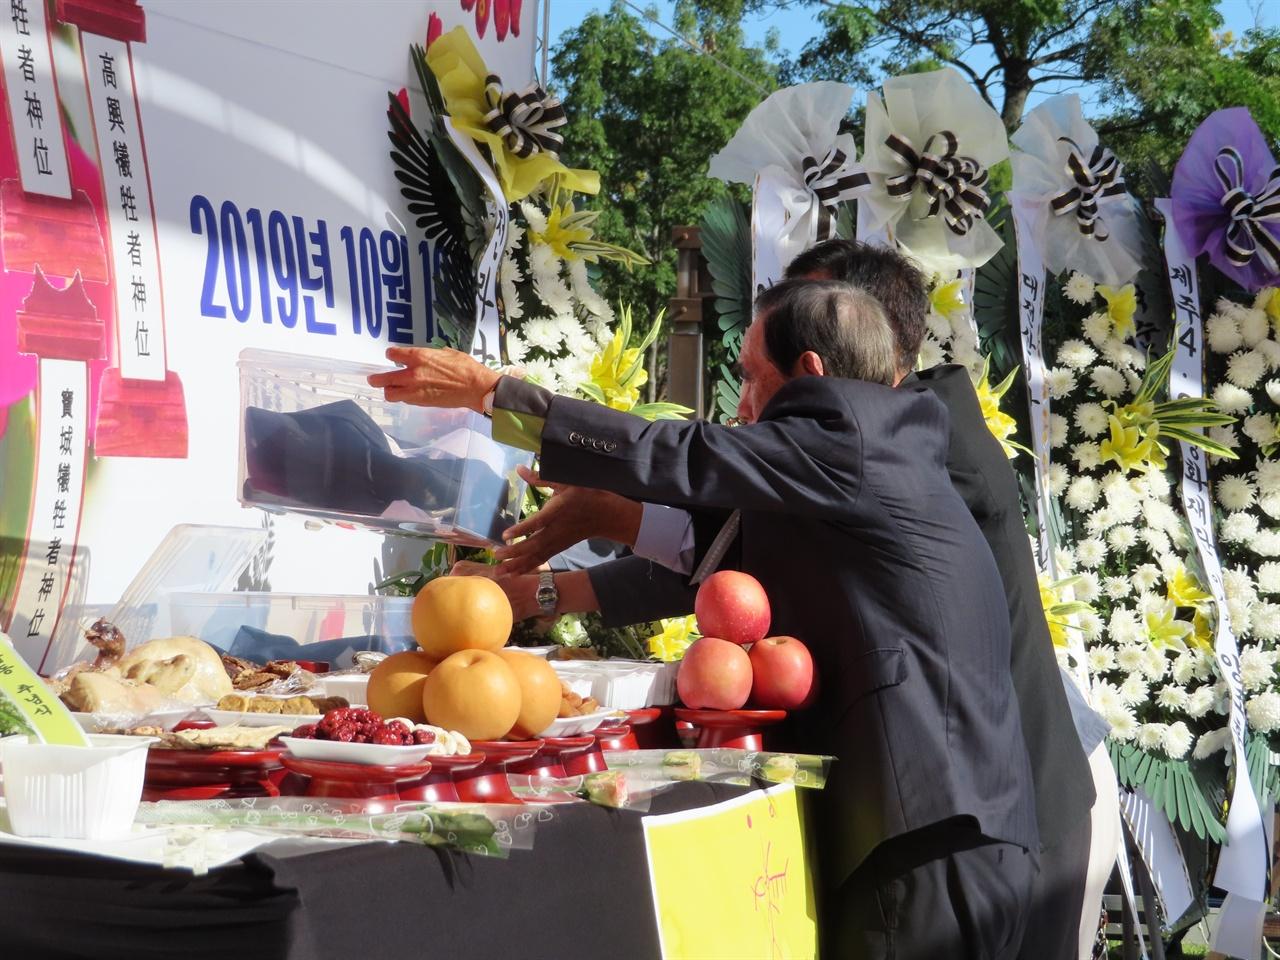 헌진하는 유족들 10월 19일 순천 장대공원에서 열린 71주년 여순항쟁 민간인 희생자 합동 추추념식장에서 유족들이 고인들의 넋을 기리며 새 옷을 헌진하고 있다.